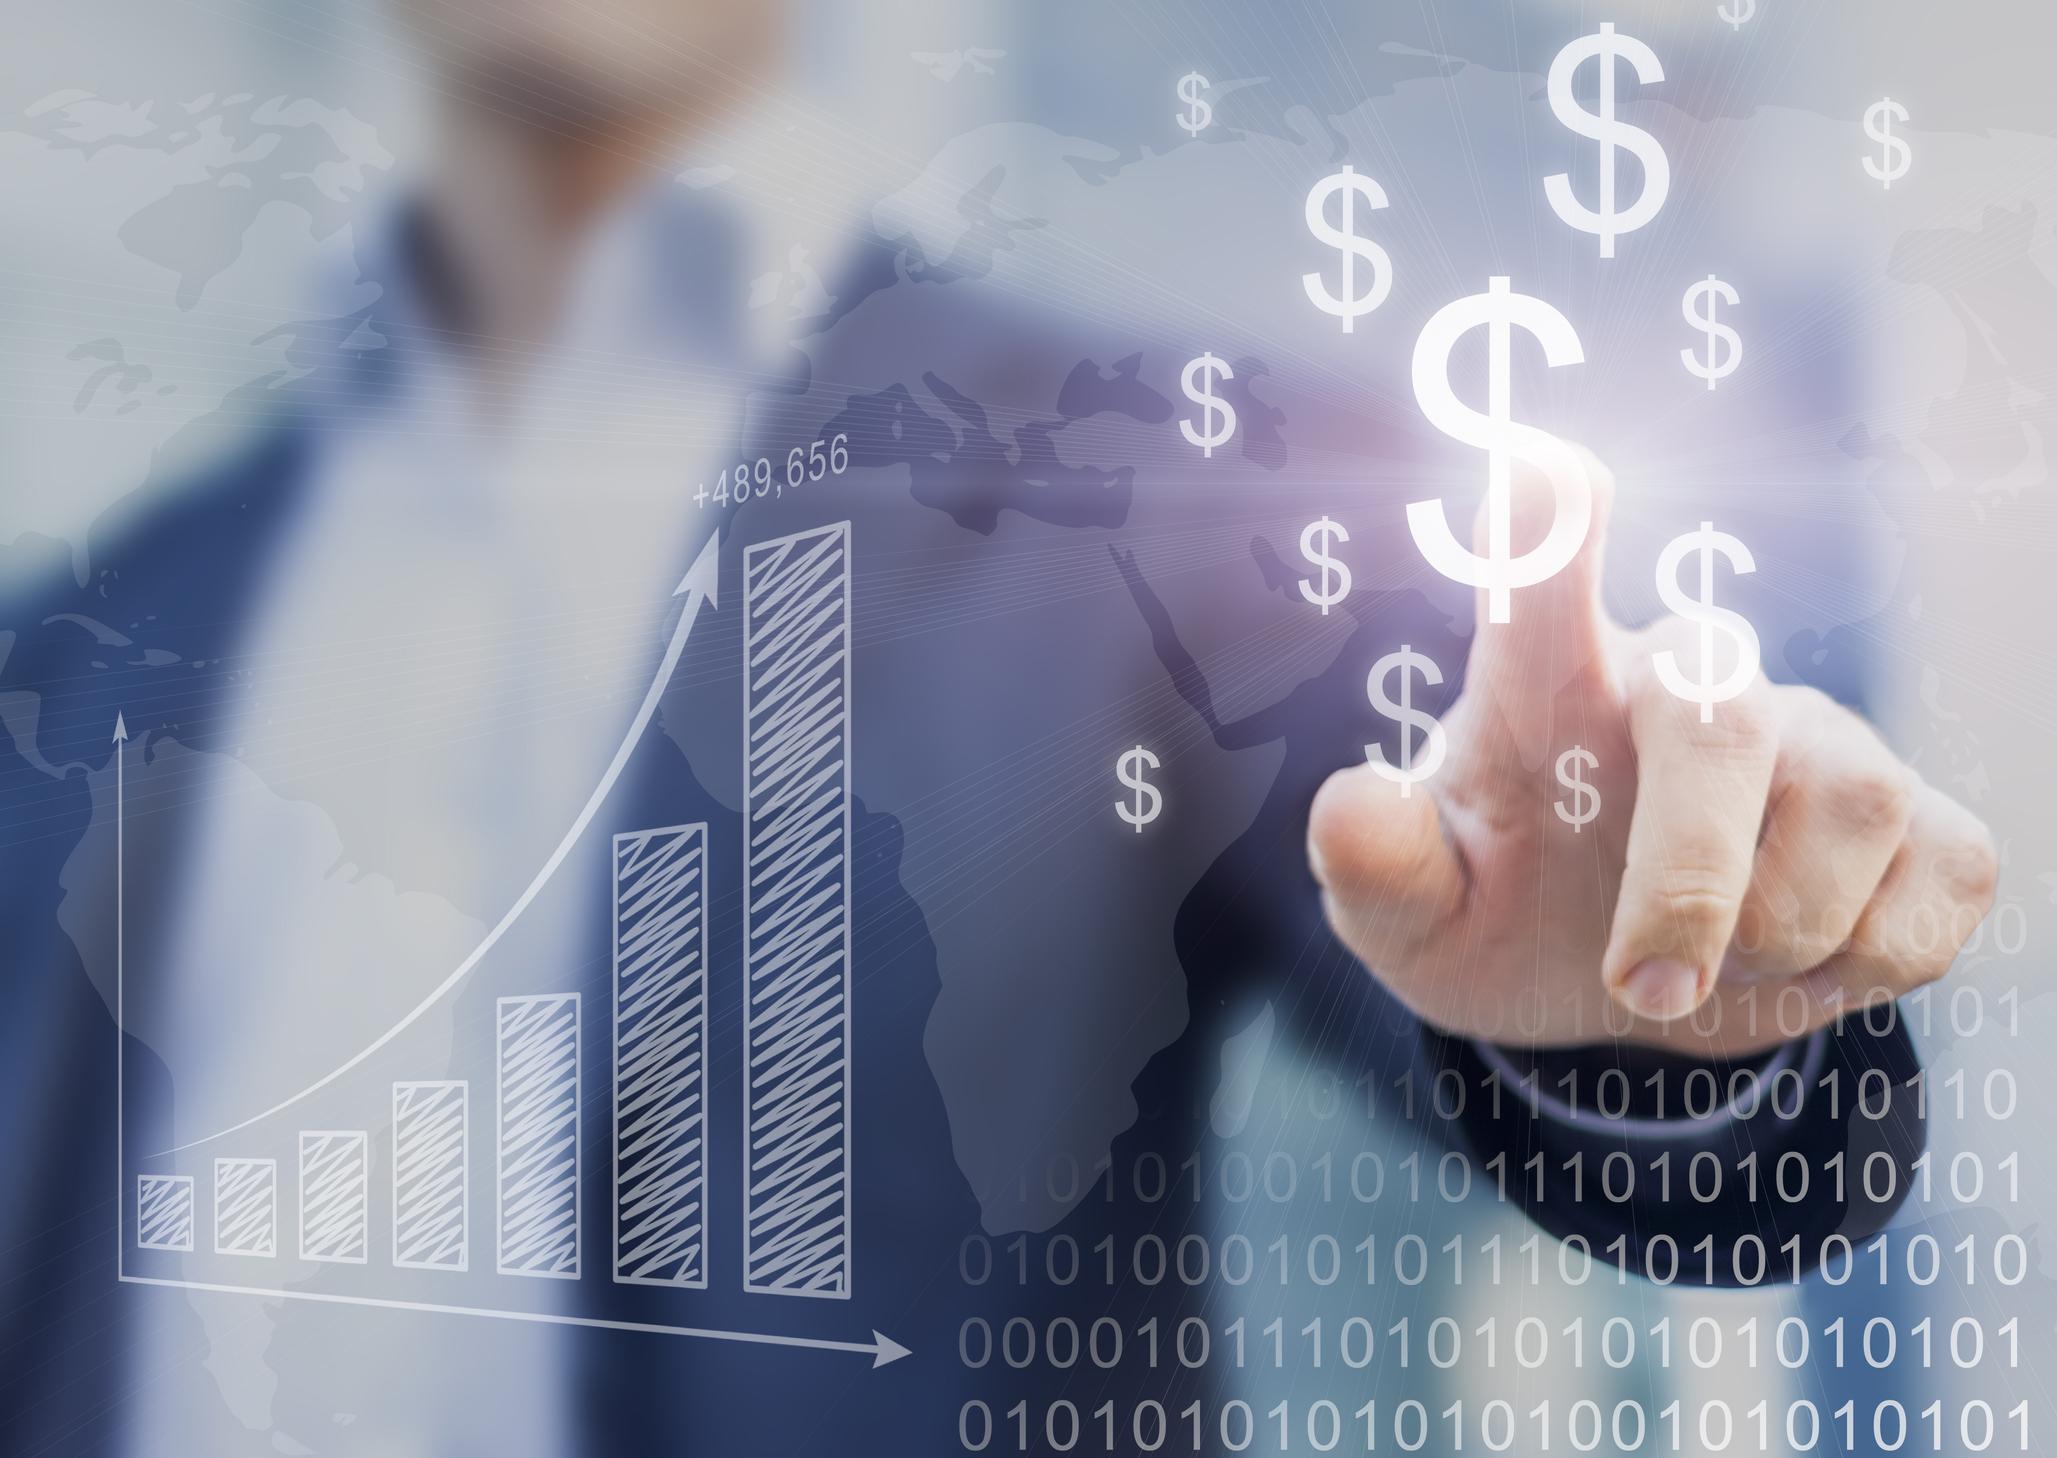 Upward-sloping chart and dollar signs